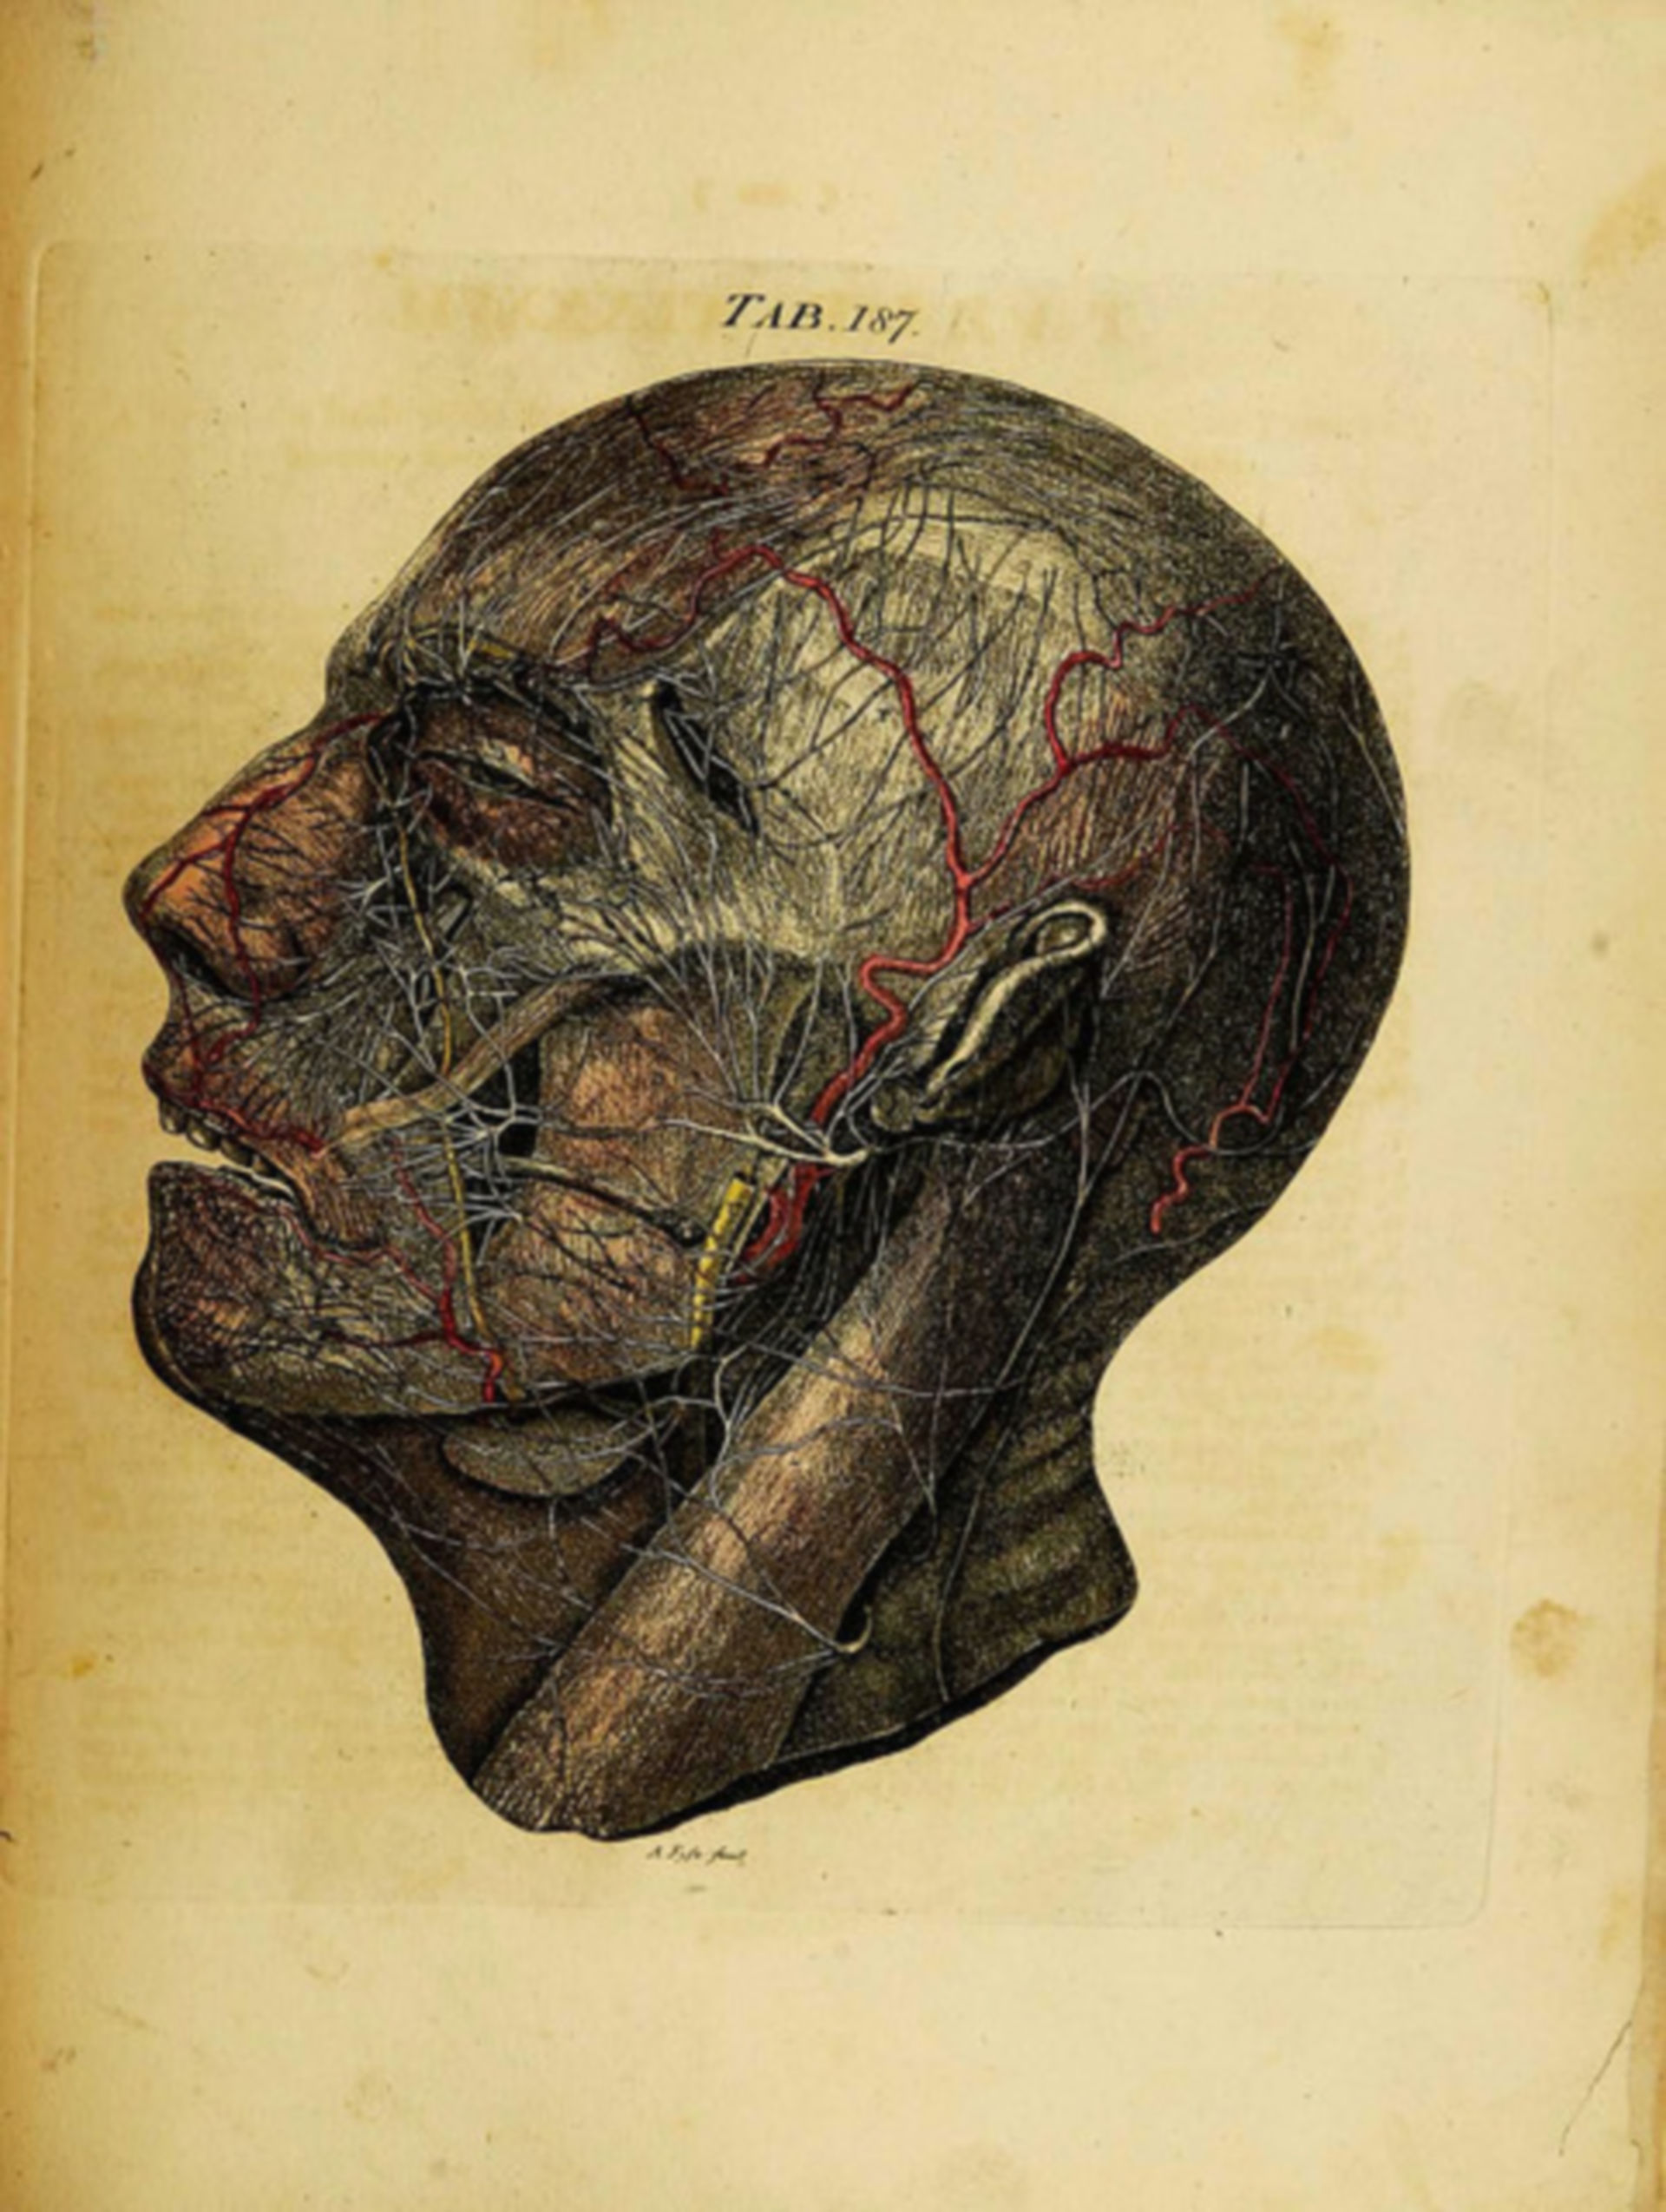 Gefäße und Innervation des Kopfes, seitlich